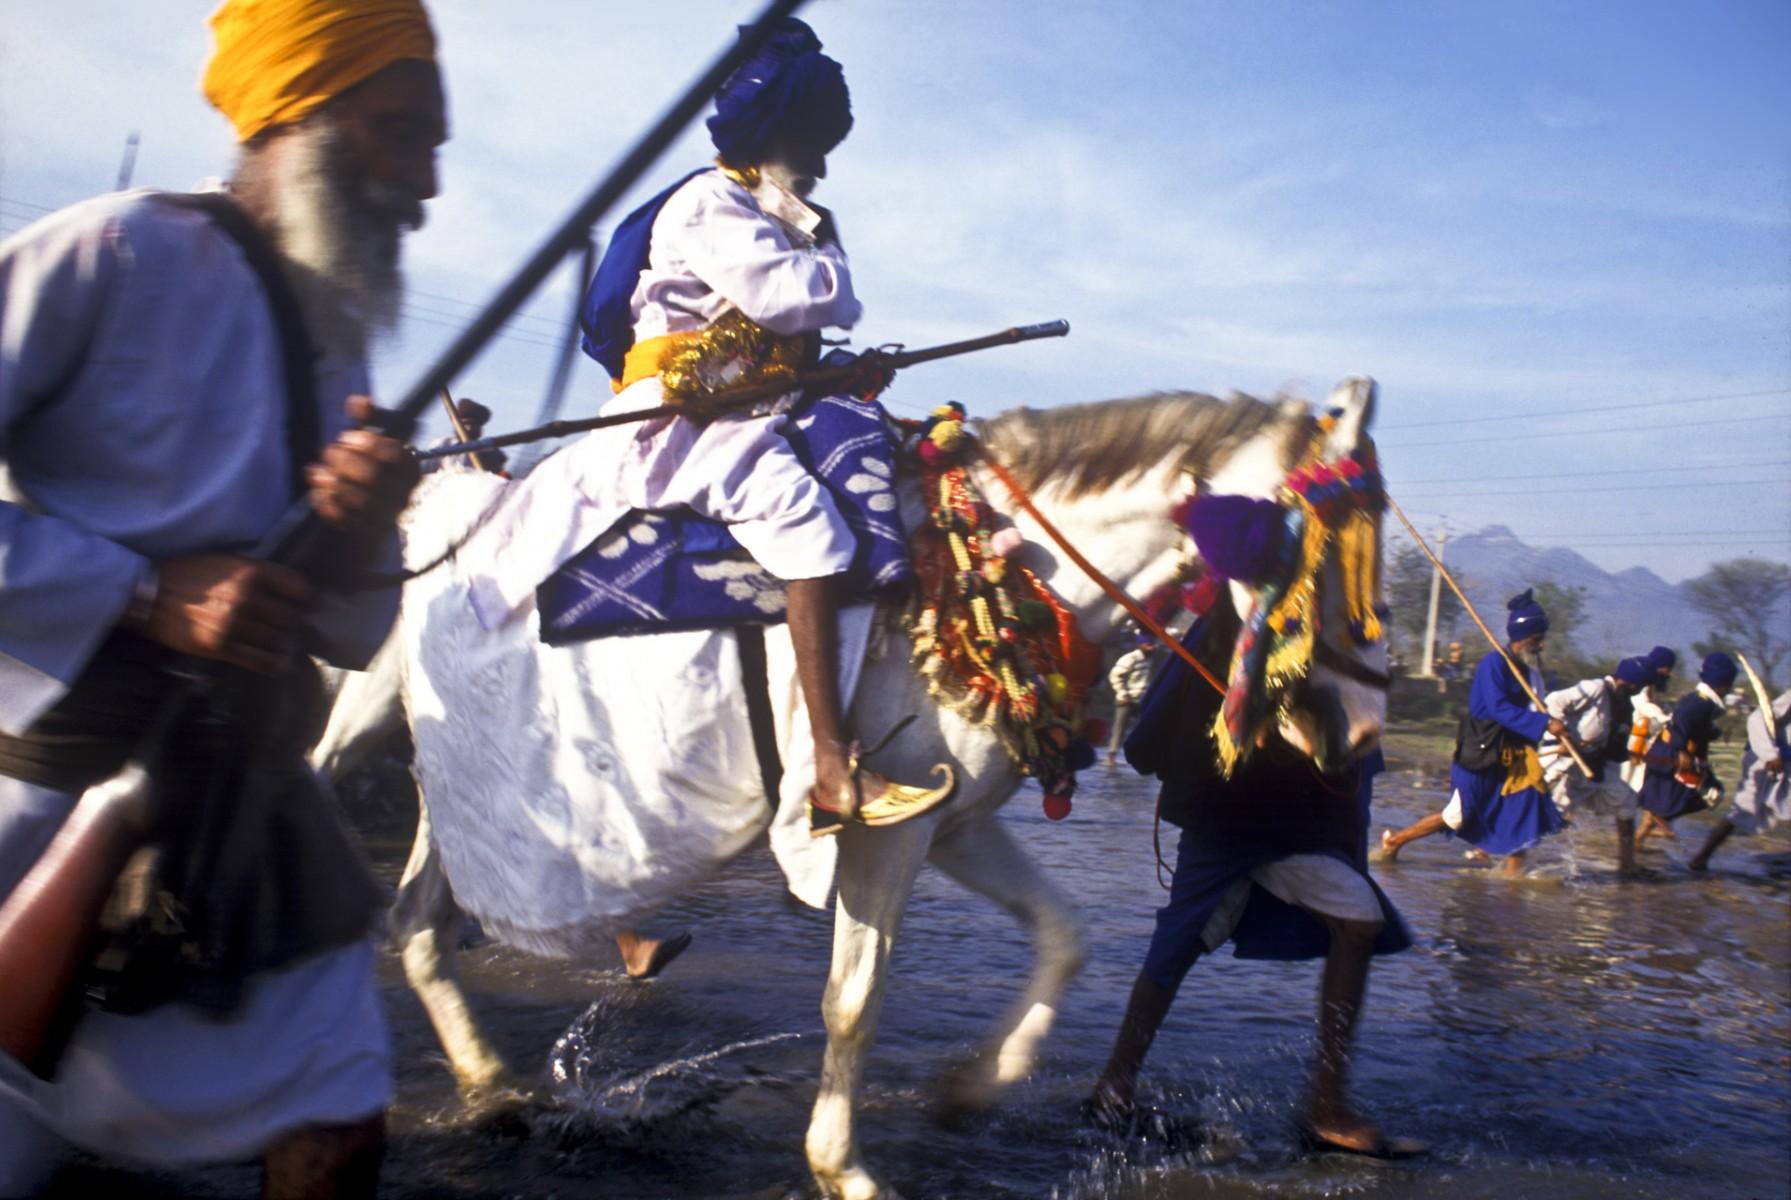 Crossing river at Hola Mohalla